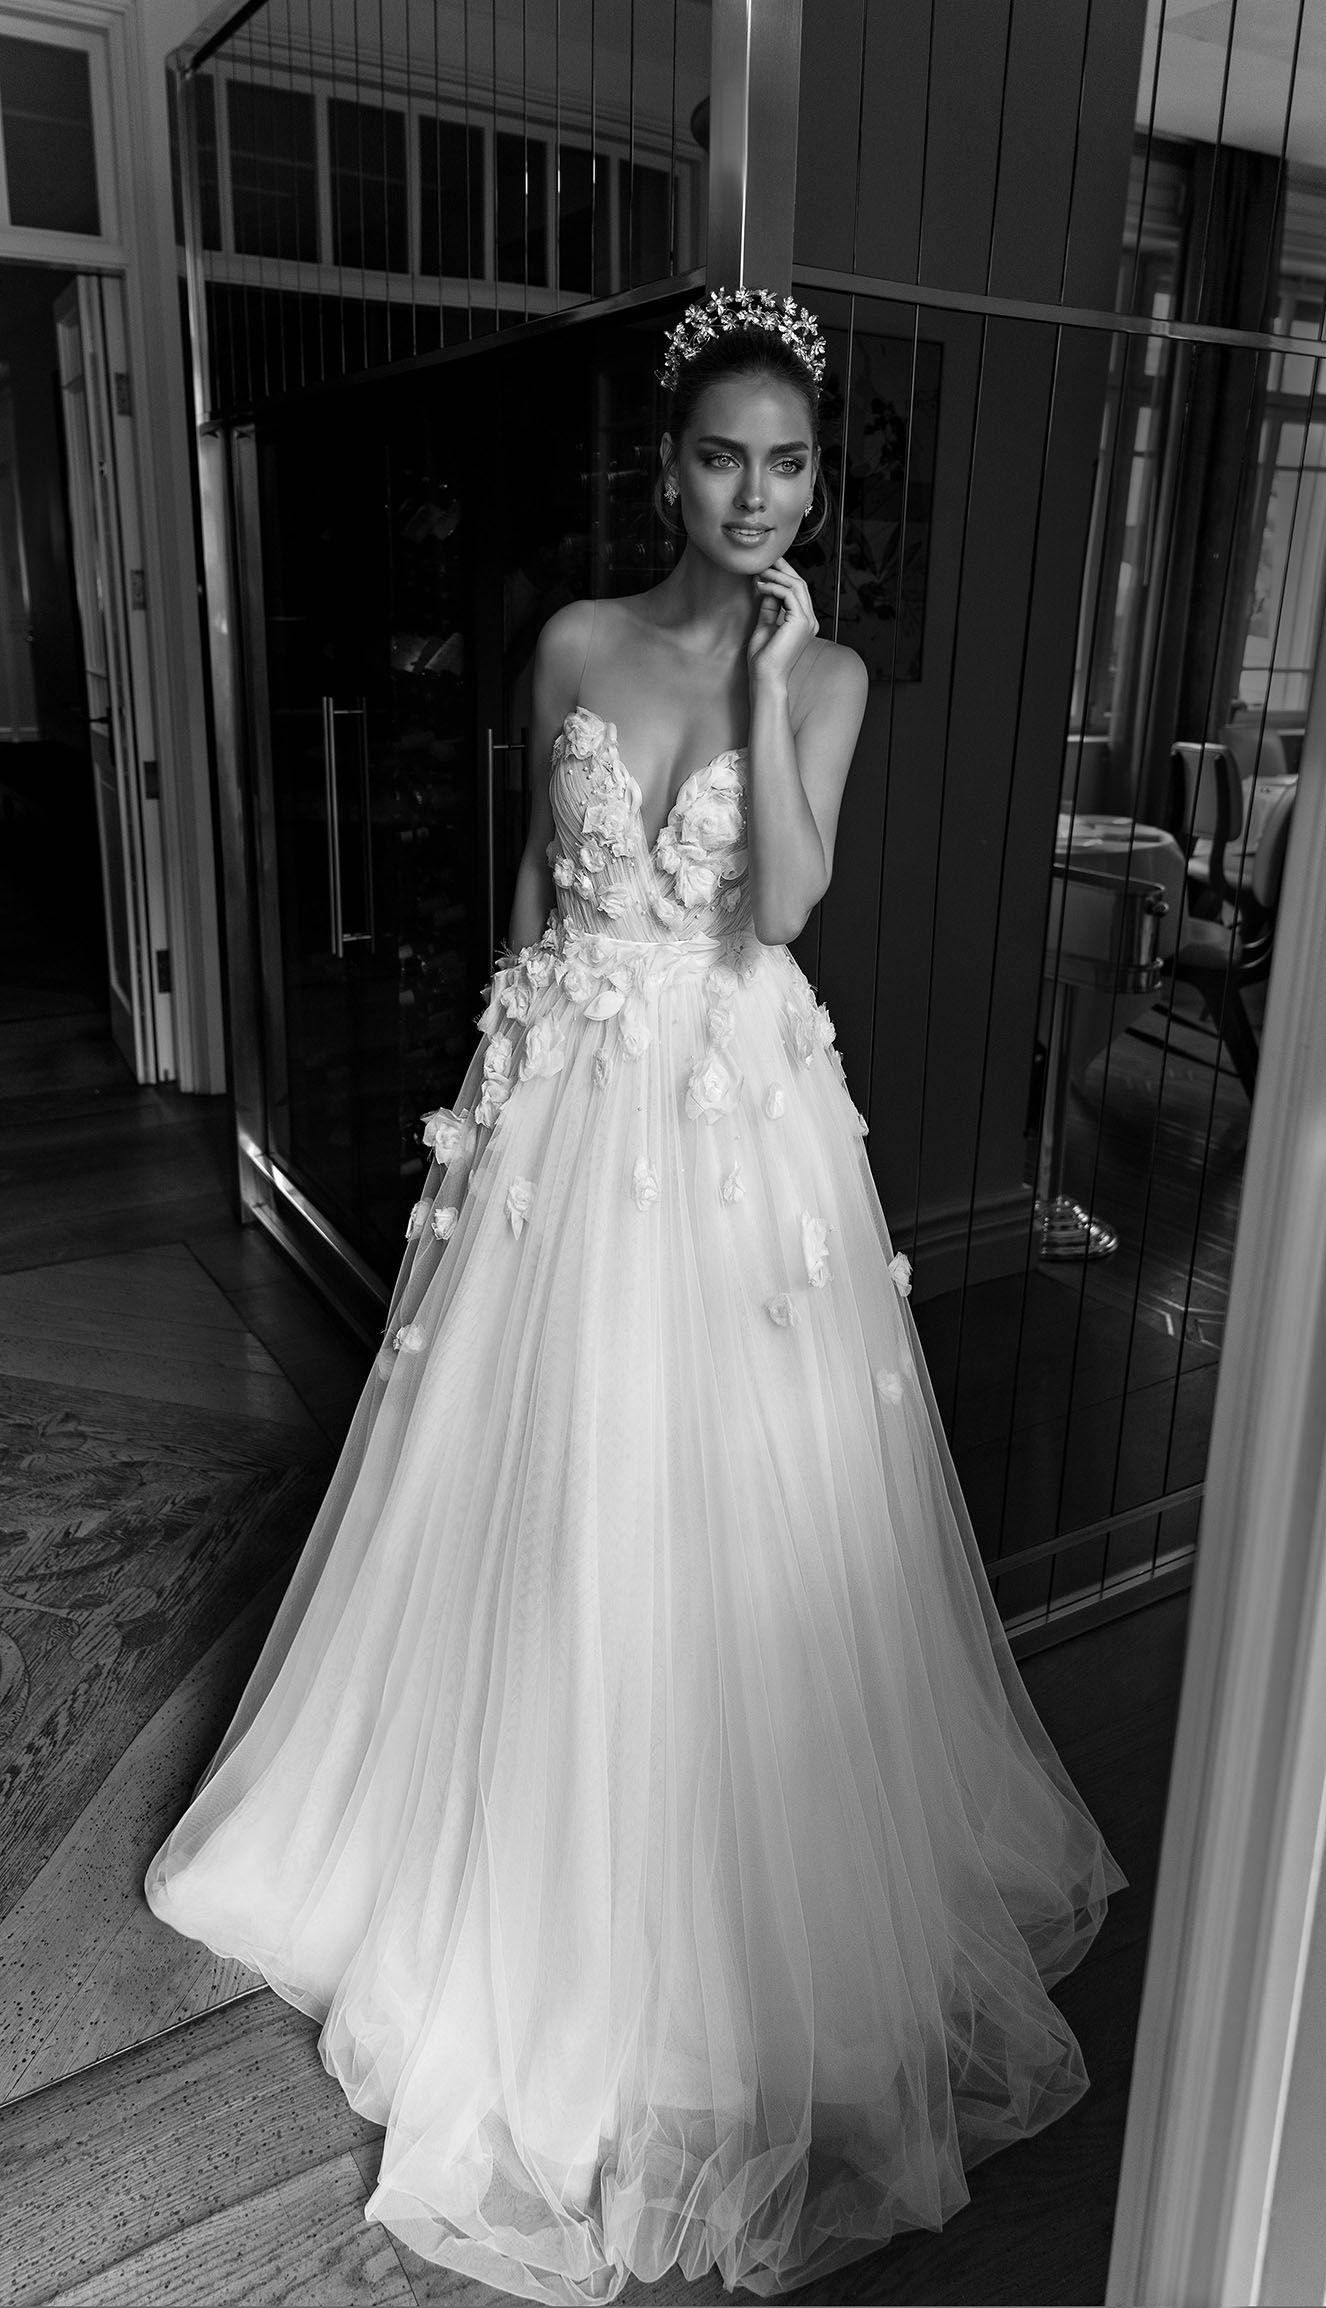 cum in Bride dressed